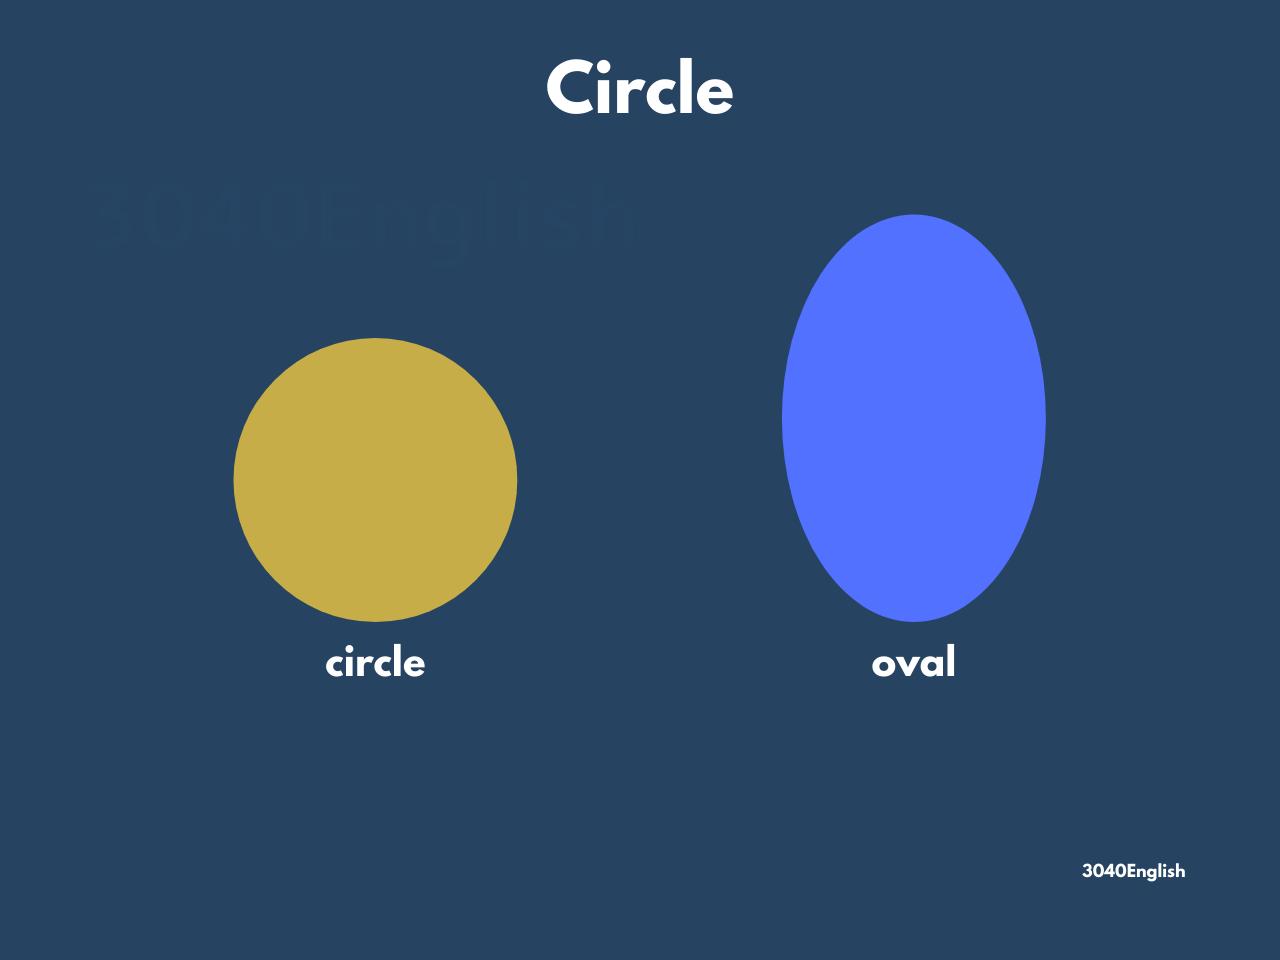 円・楕円・長円の英語表現